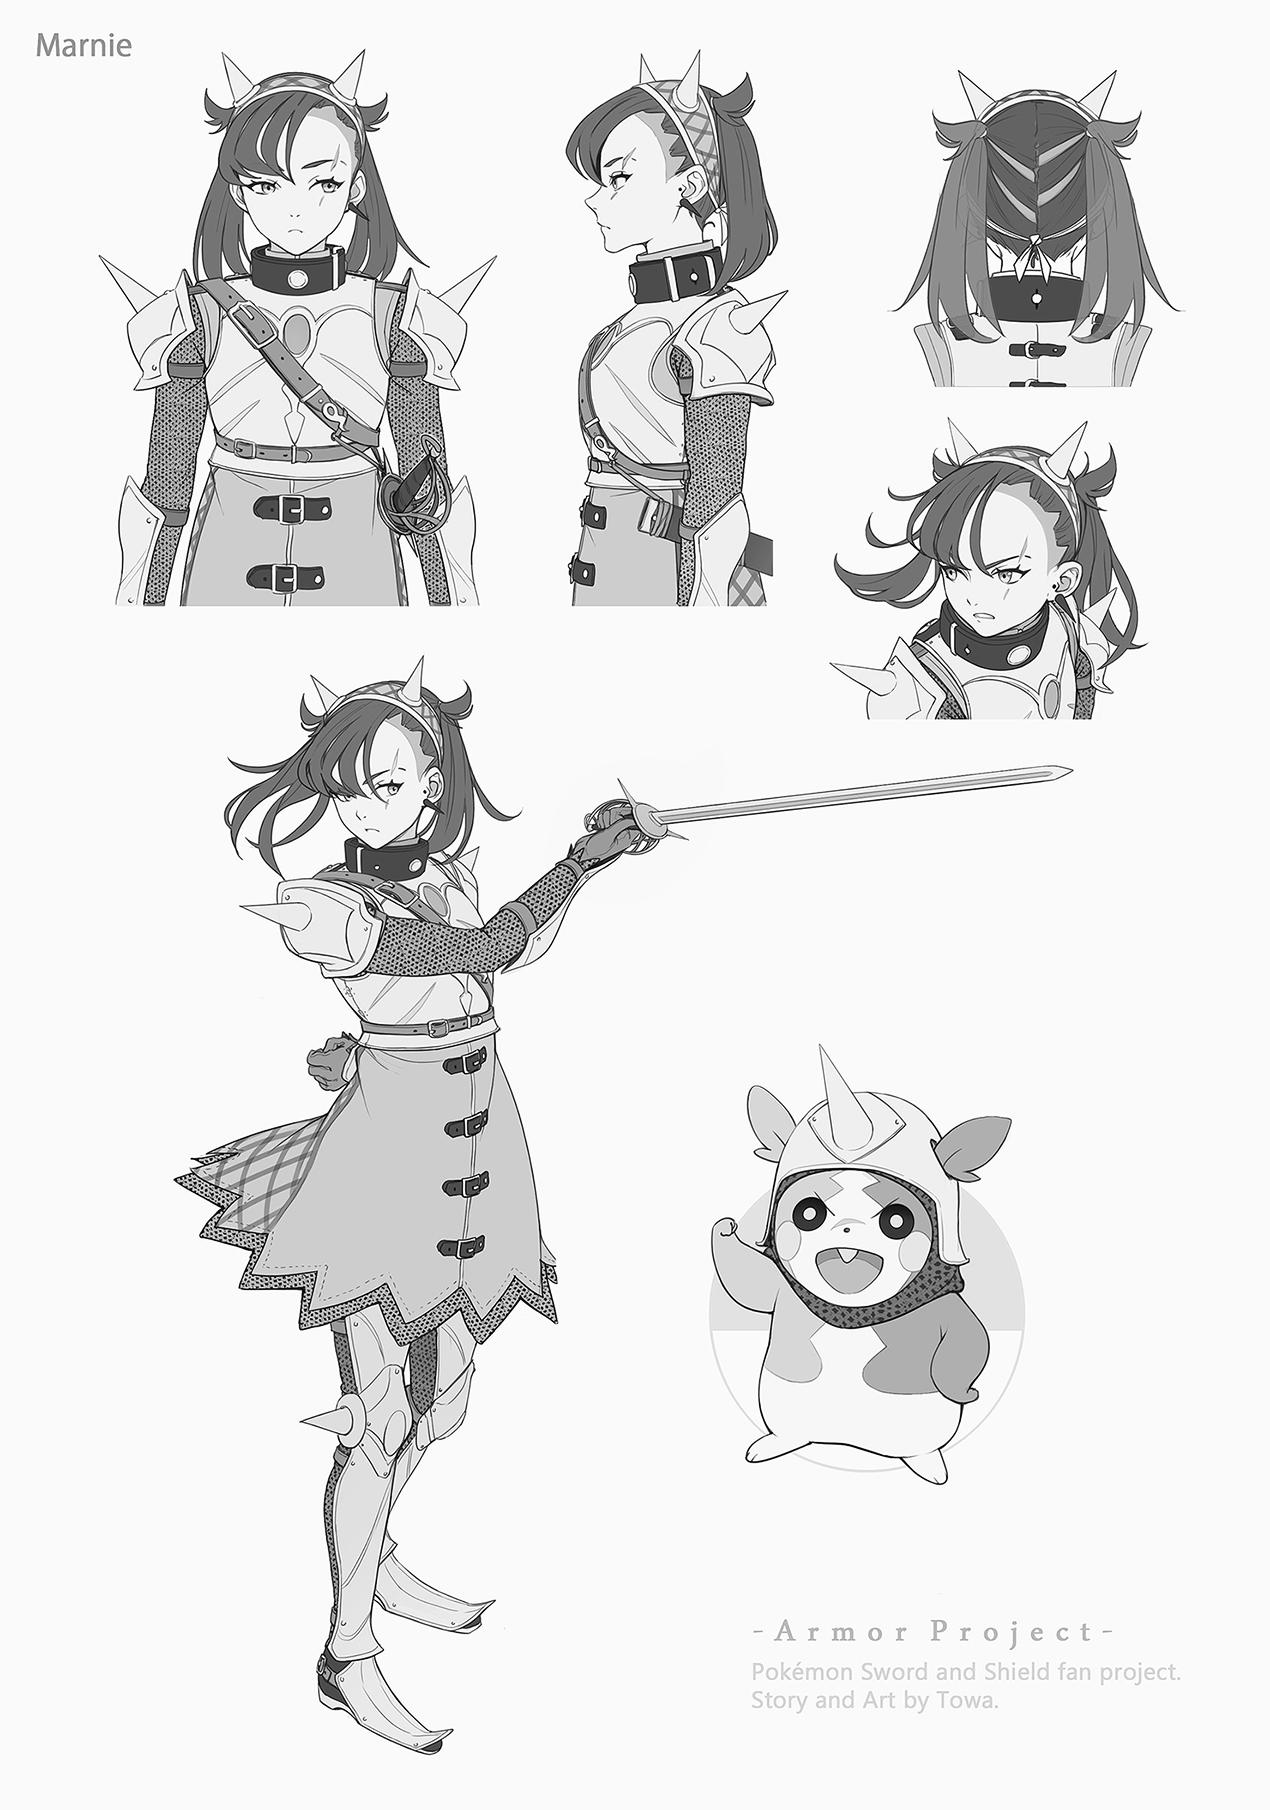 Pokémon-Zeichnung: Marnie (Armor Project)